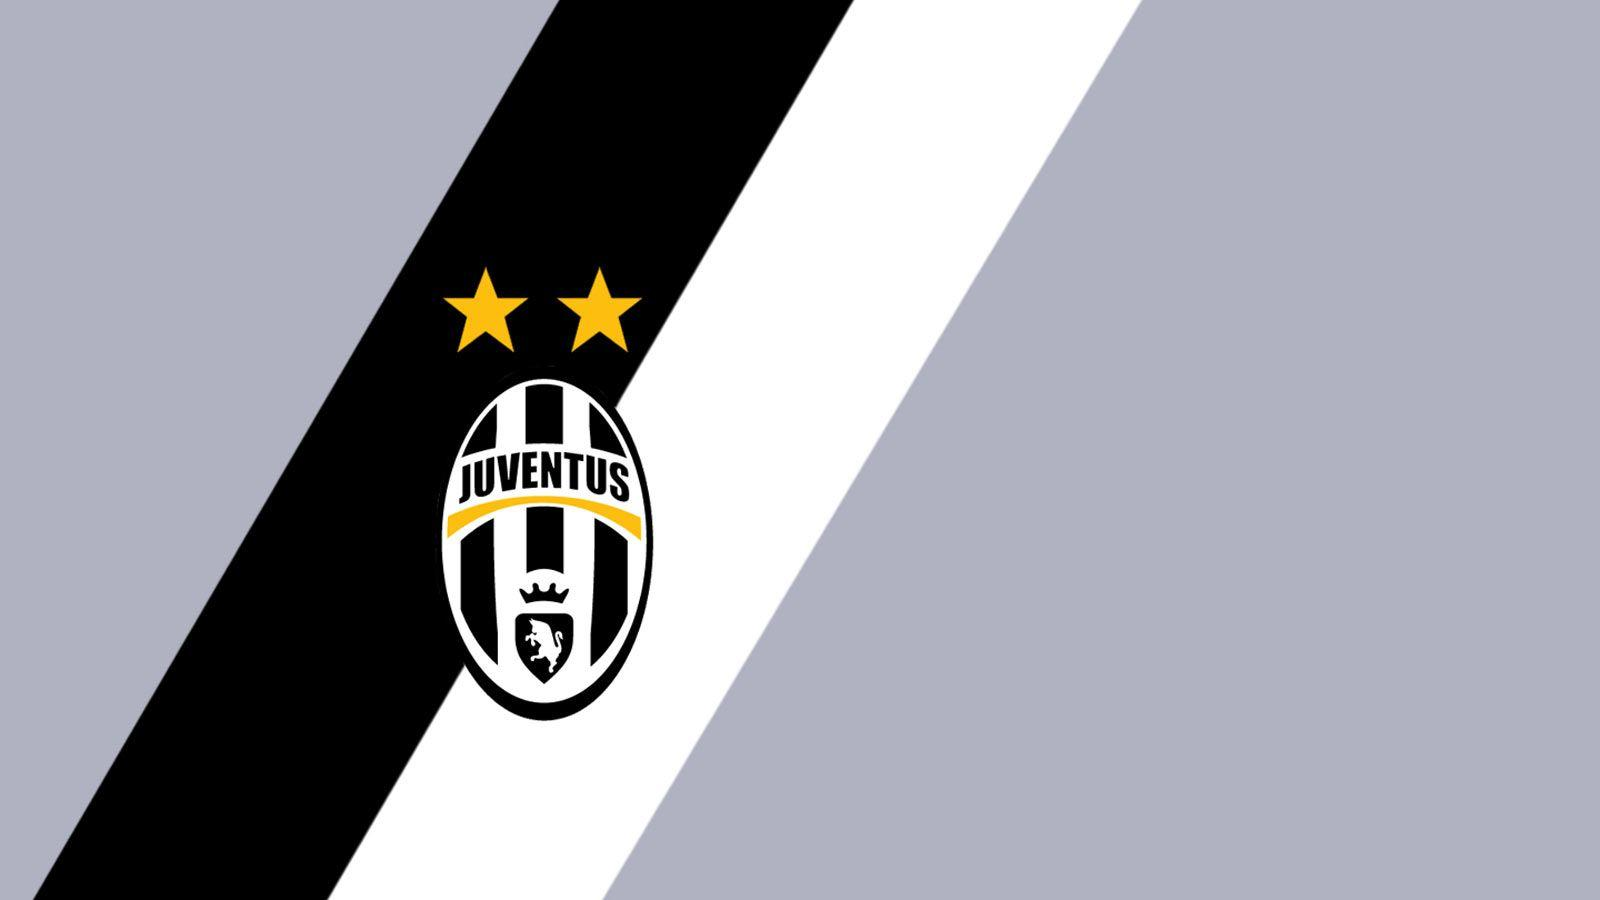 Juventus Wallpaper 1